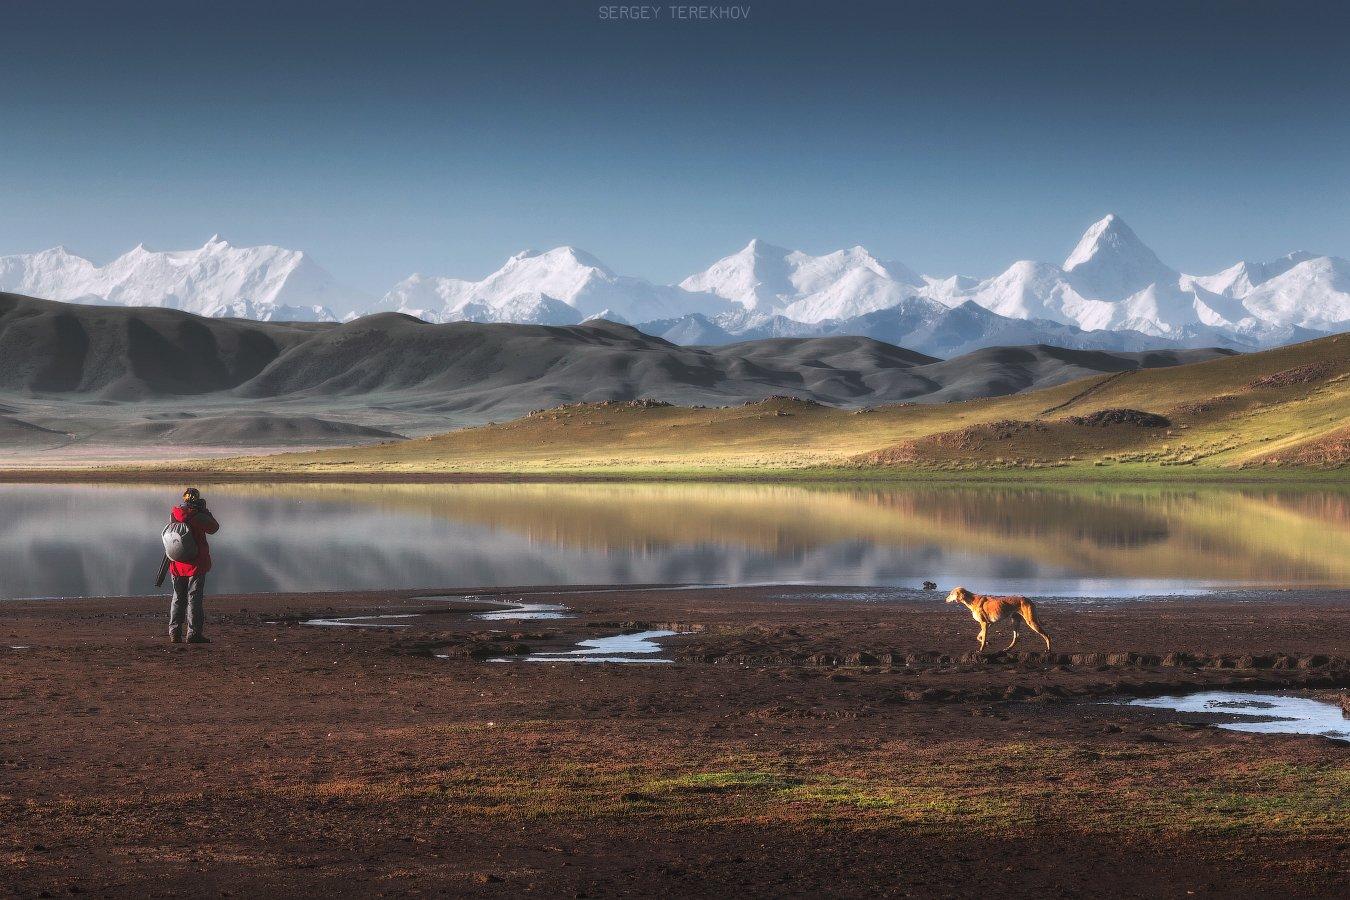 казахстан, озеро тузколь, северный тянь-шань, хан-тенгри, фото туры по казахстану,, Сергей Терехов